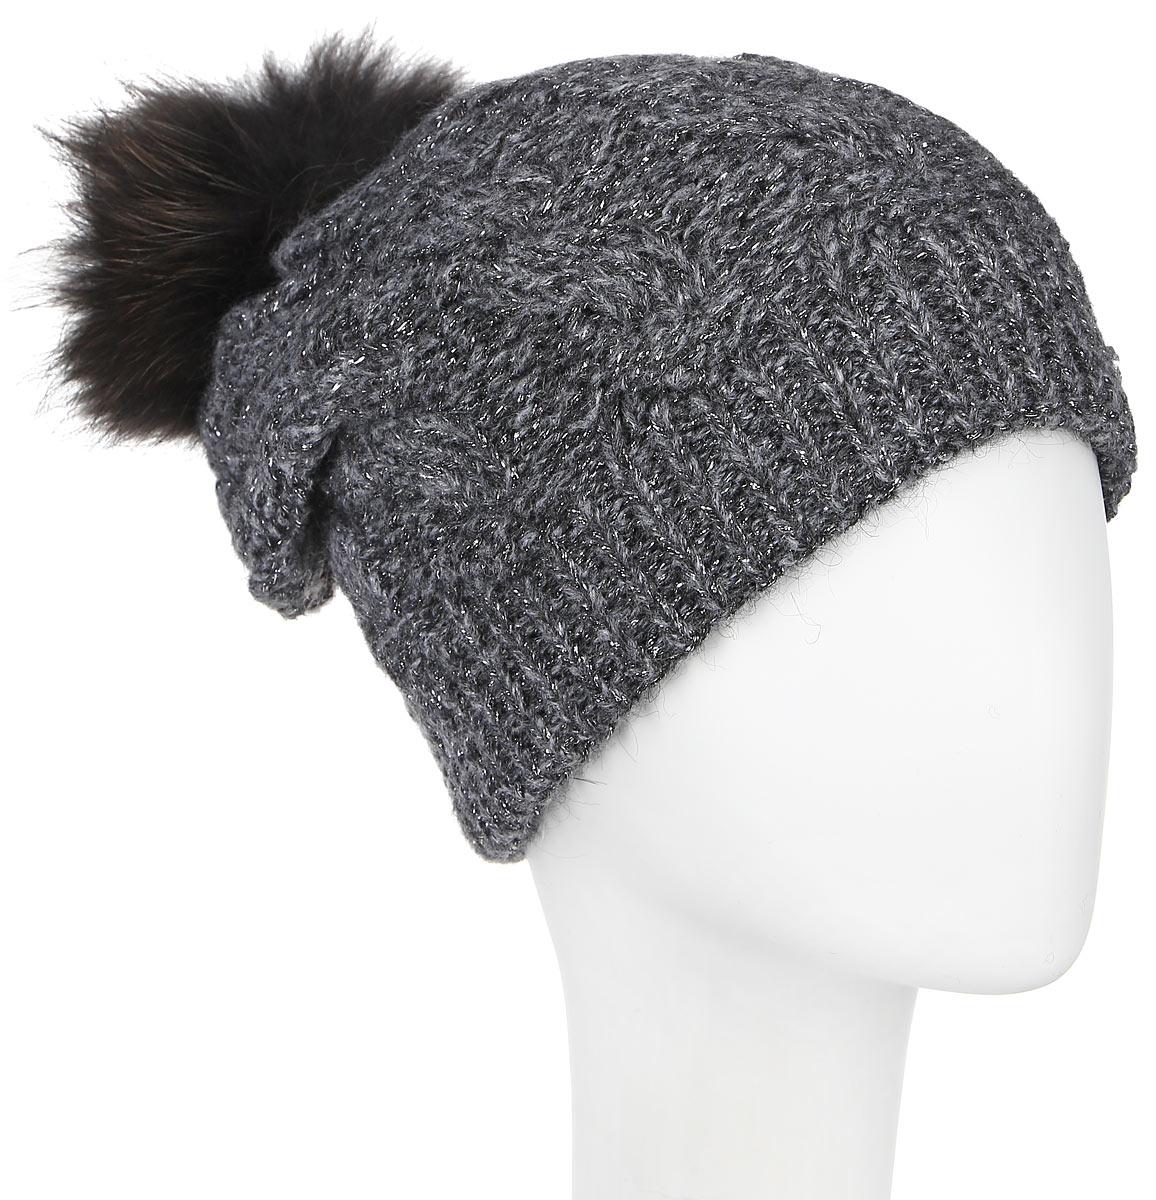 Шапка женская Dispacci, цвет: темно-серый. 21111S. Размер универсальный21111SСтильная женская шапка Dispacci, изготовленная из мягкой пряжи смешанного состава, она обладает хорошими дышащими свойствами и хорошо удерживает тепло. Элегантная шапка оформлена крупной вязкой с узорами и дополнена блестящим стильным люрексом. На макушке изделие дополнено помпоном из натурального меха. Практичная форма шапки делает ее очень комфортной, а маленькая аккуратная металлическая пластина с названием бренда подчеркивает ее оригинальность.